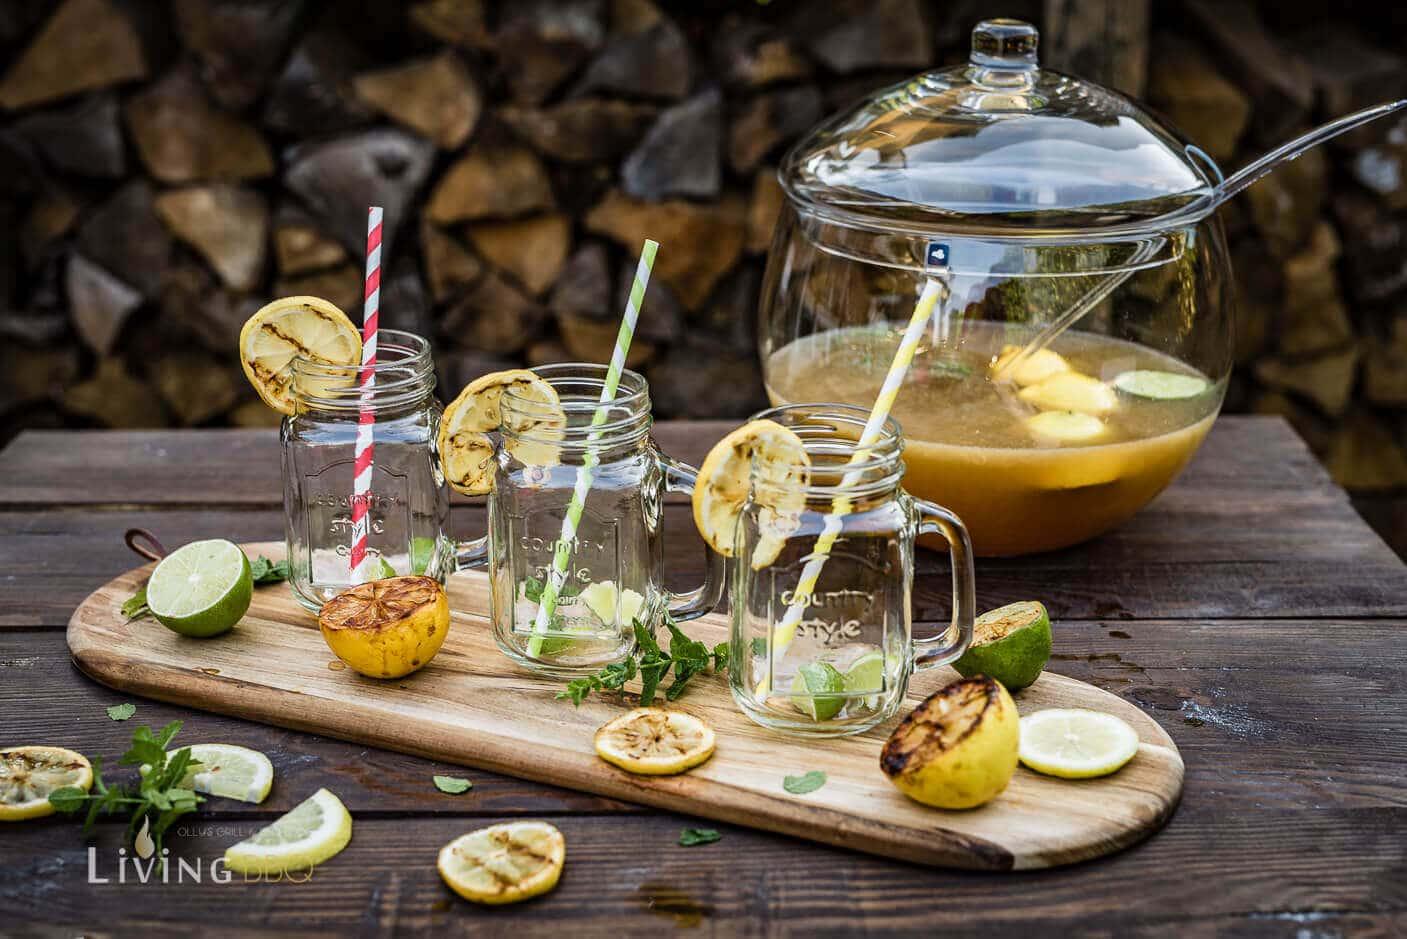 Bowlegefäß mit gegrillter Limonade [object object]_Leonardo Bowle Punch 8 von 13